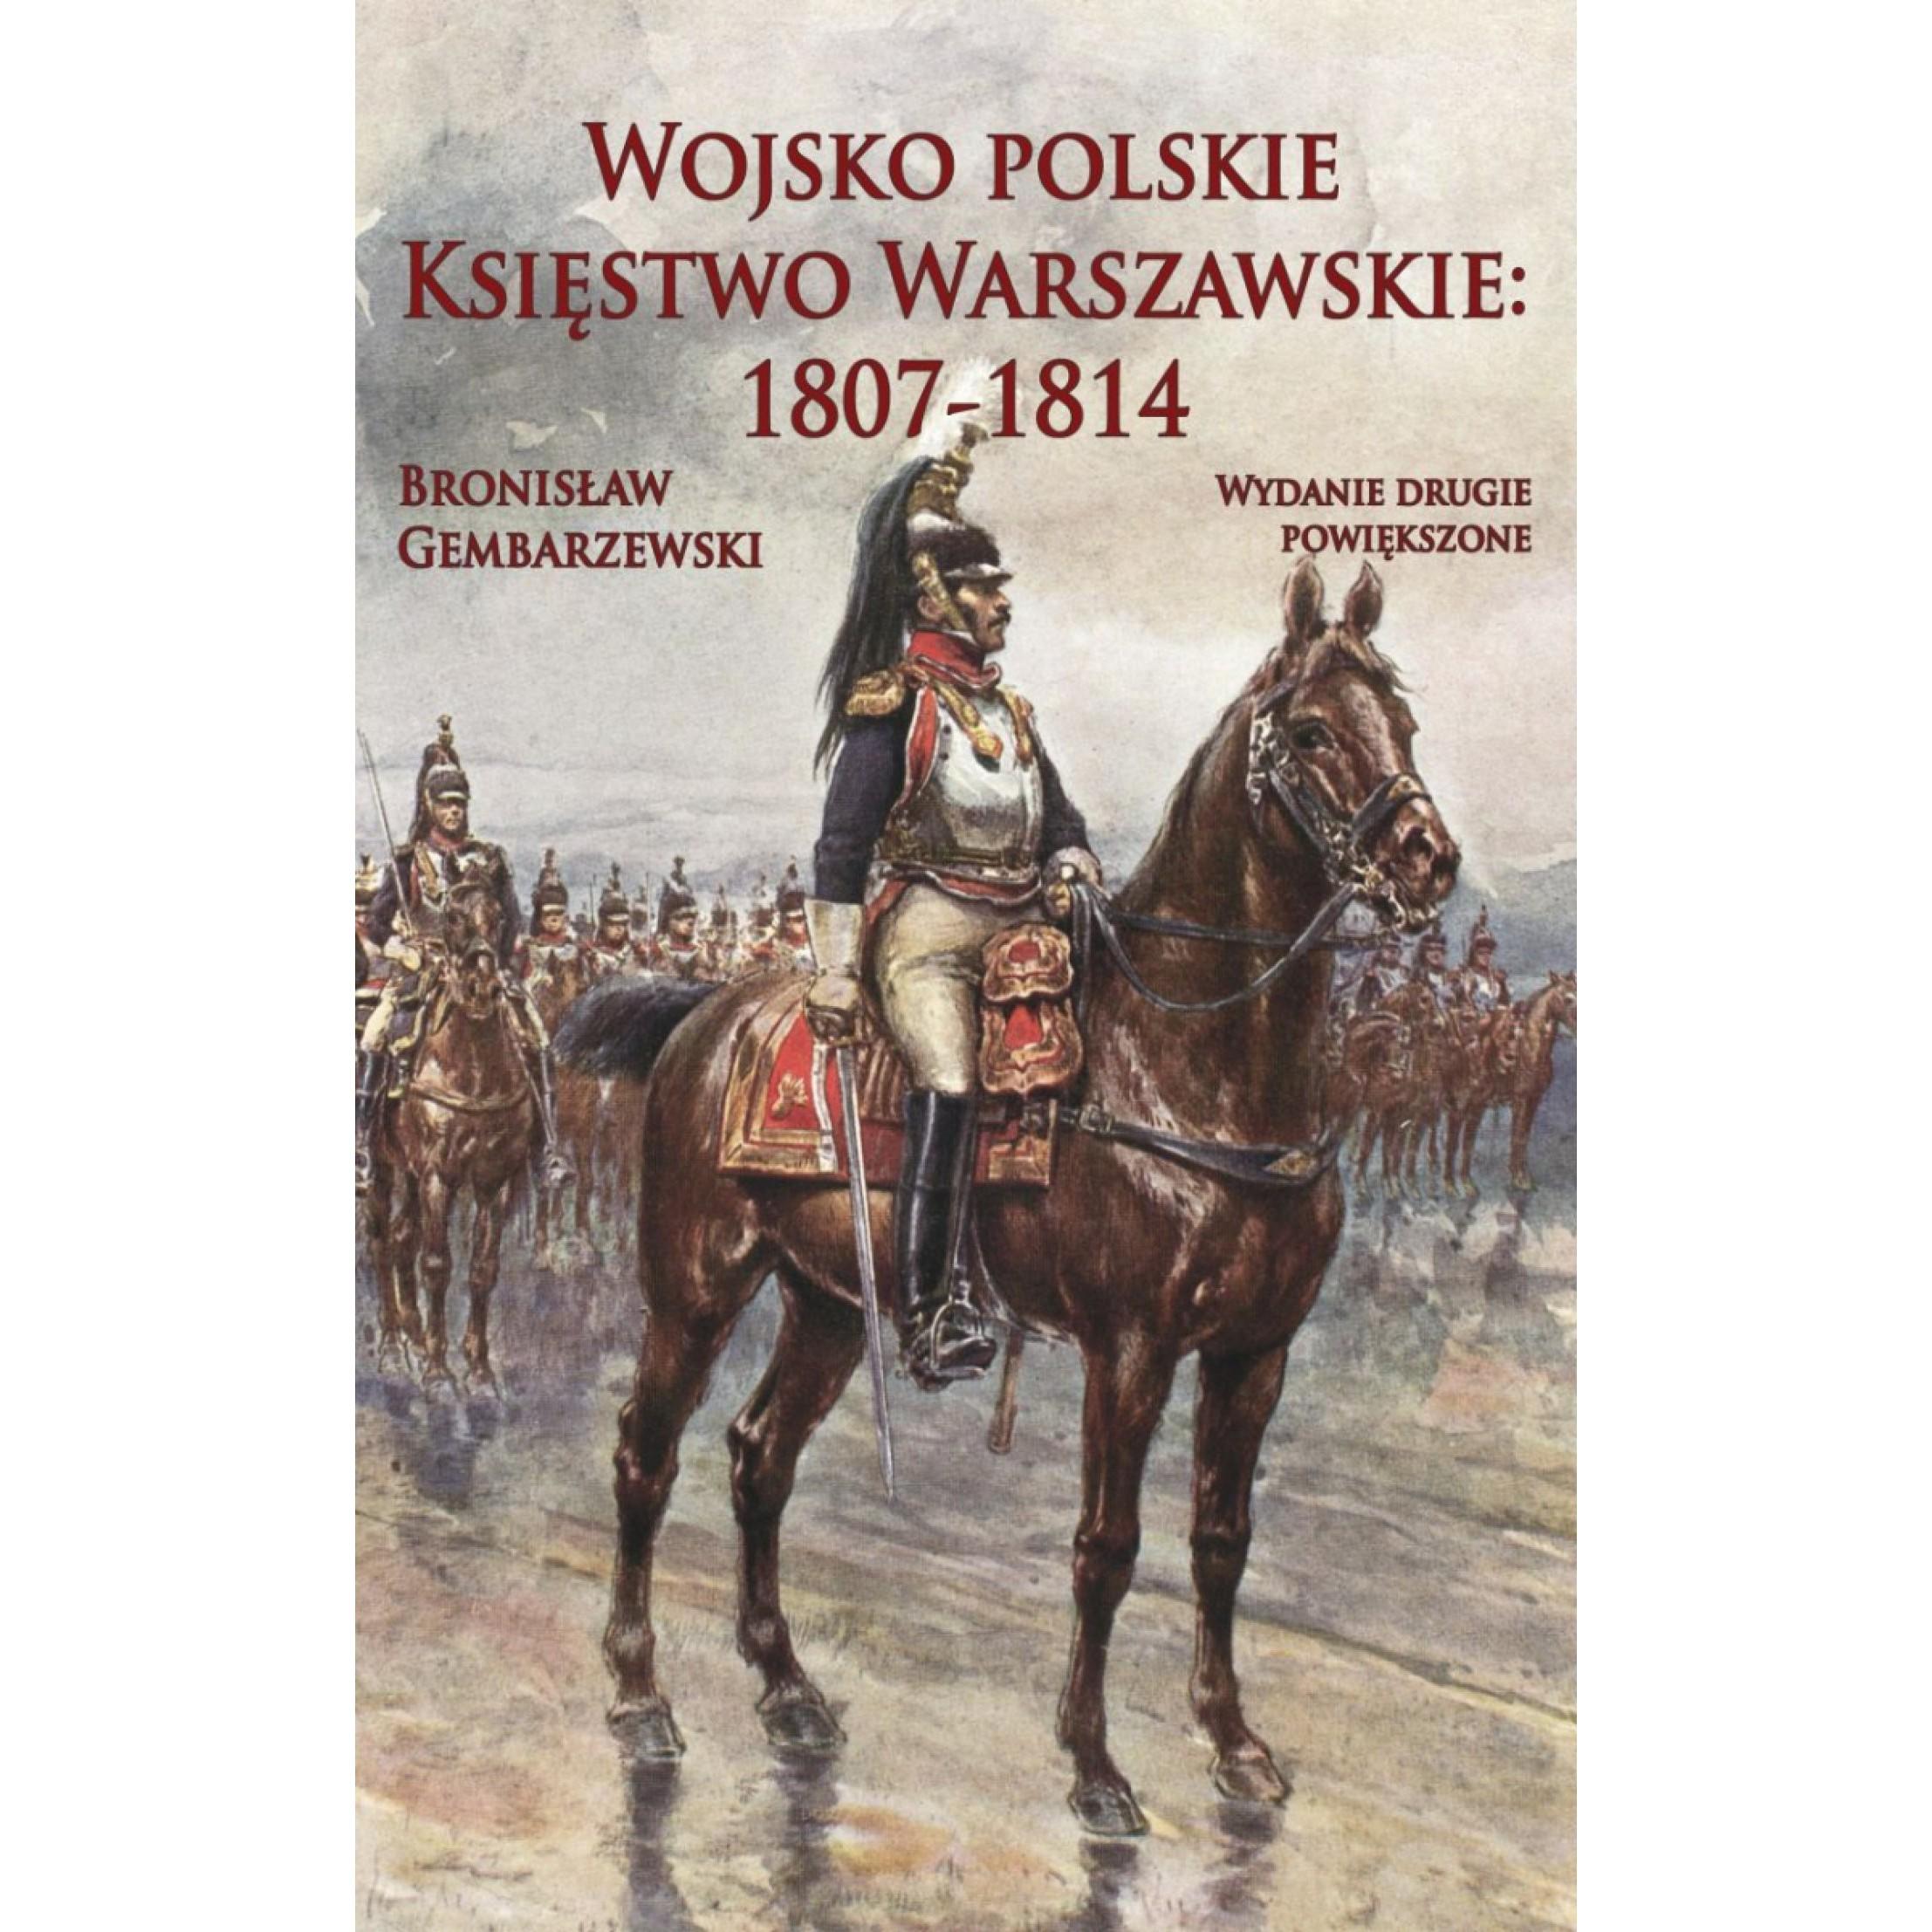 Wojsko polskie. Księstwo Warszawskie 1807-1814